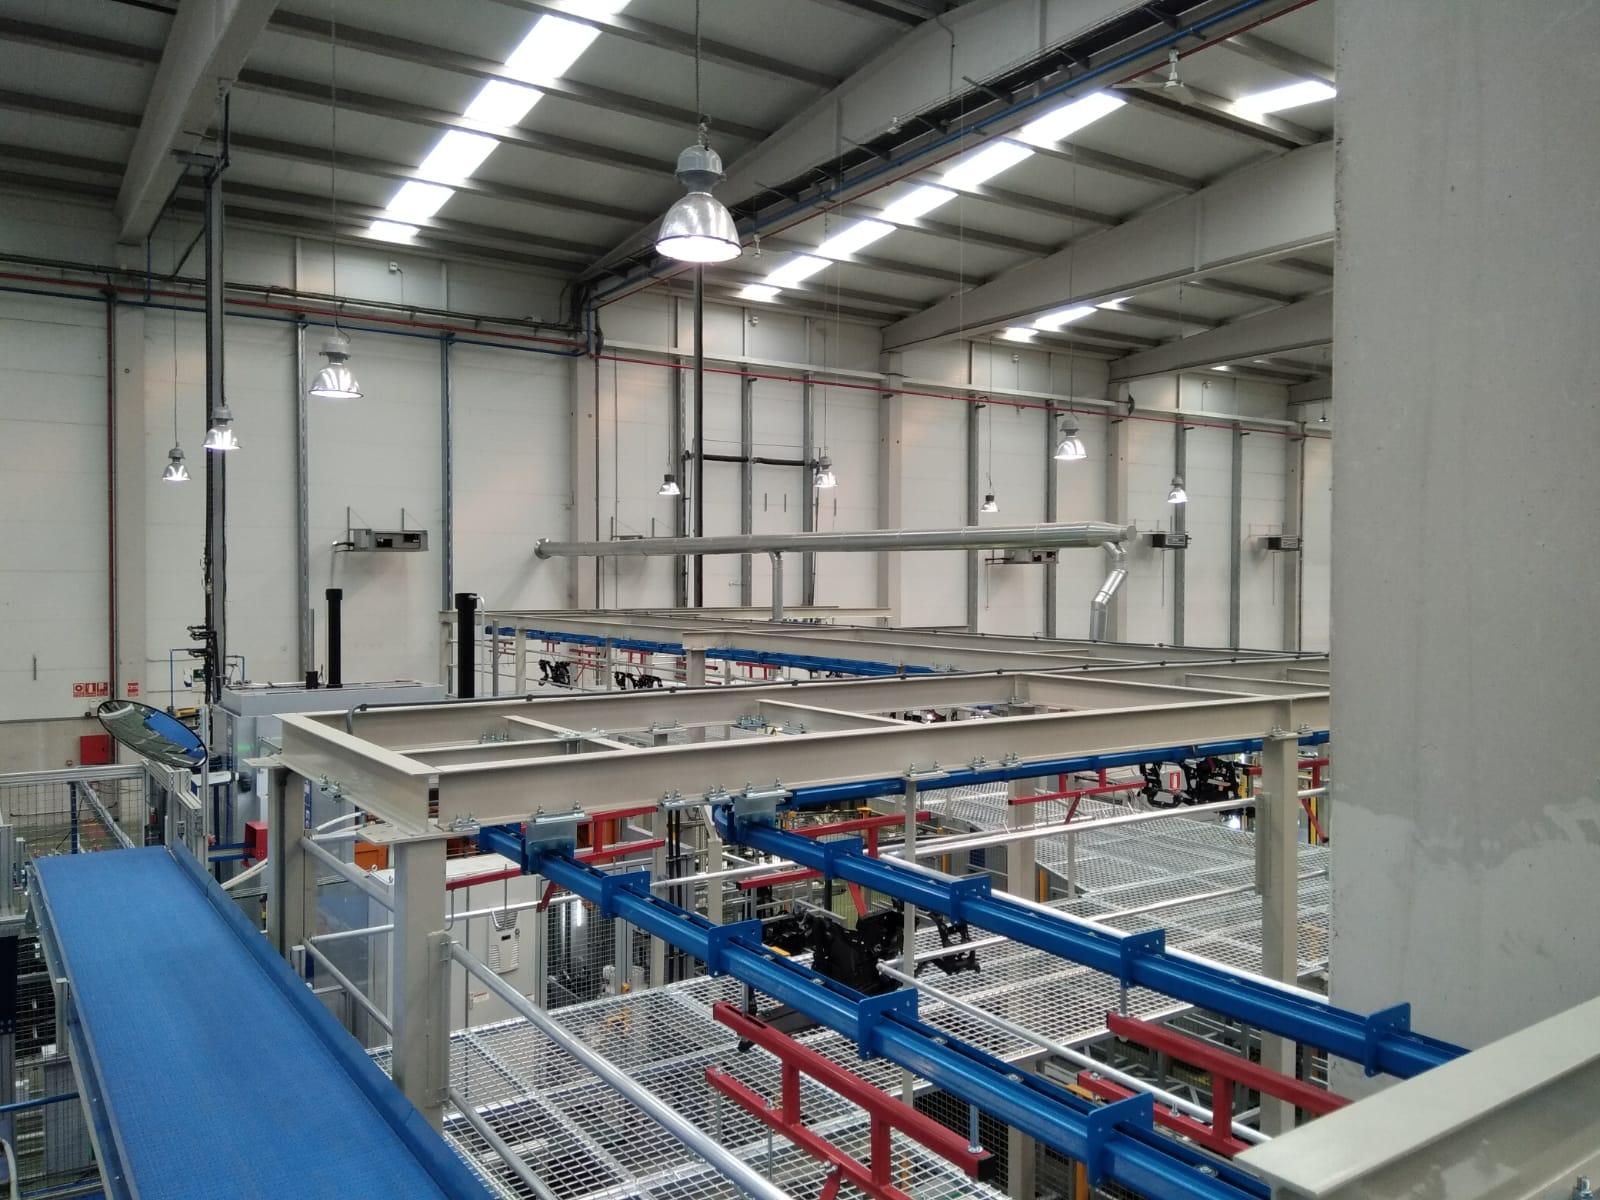 Transportadores de correas extracción de células robotizadas